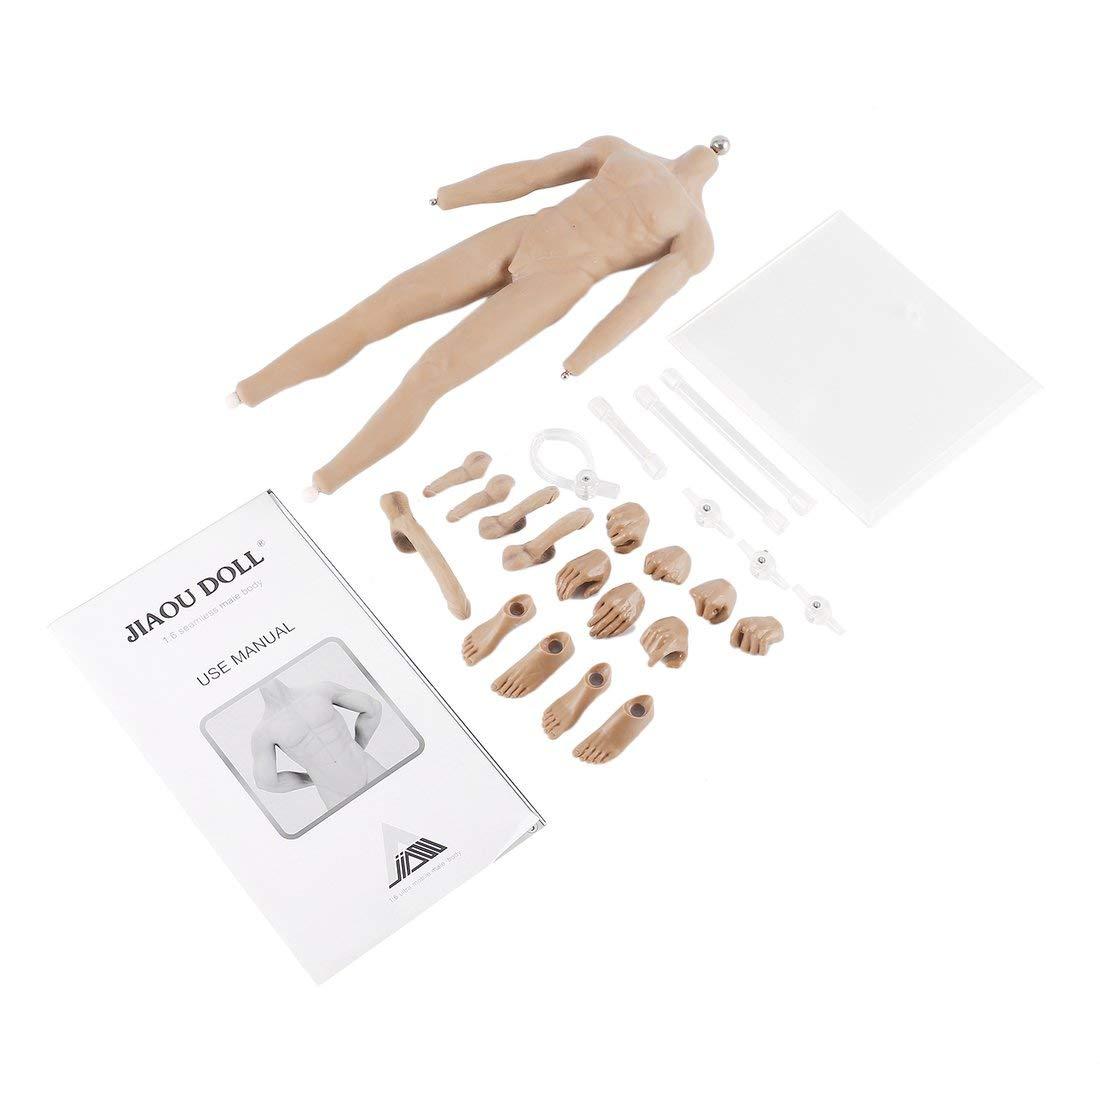 JIAOU Doll JOK-11C-PS / YS 1/6 Escala sin Costuras articulaciones de Bola de Cuerpo Masculino ultrasuaves 28 Puntos de Esqueleto de articulación